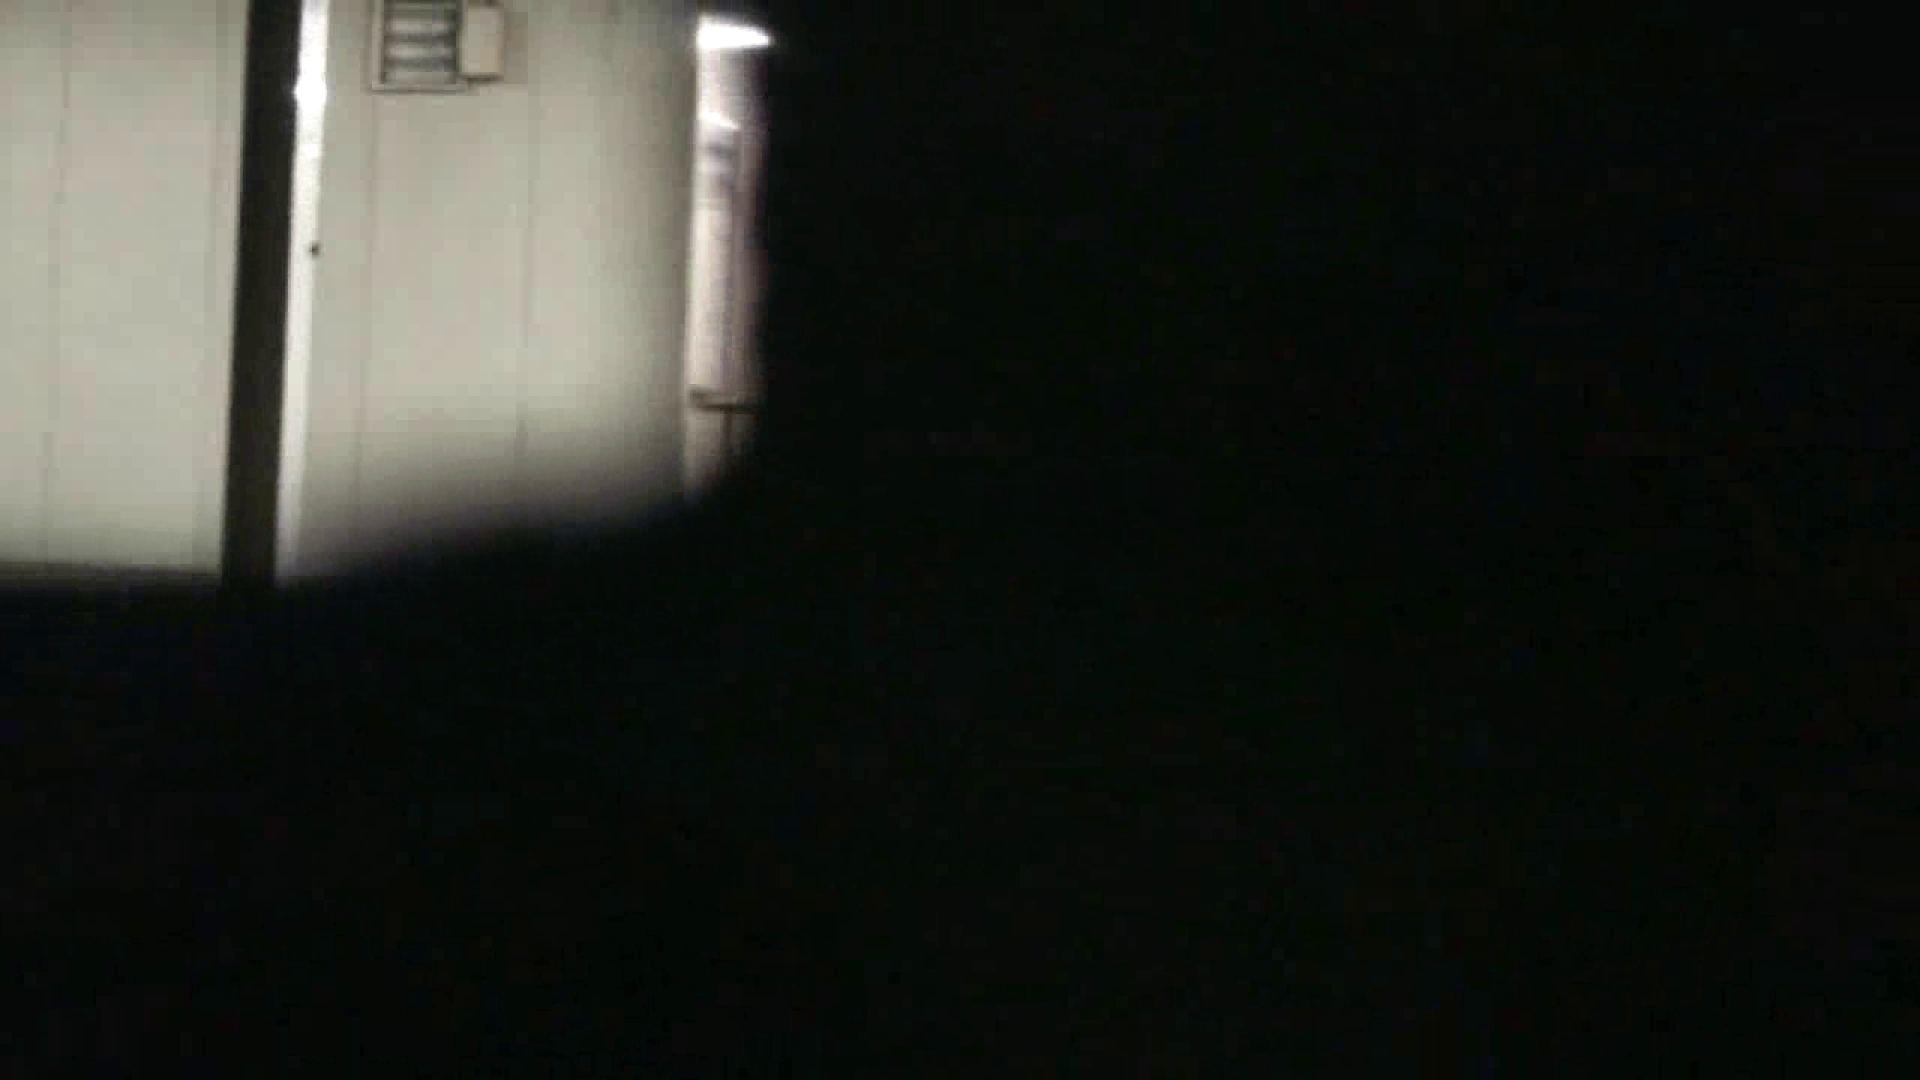 青春!制服カップルの思い出 Vol.04 超エロ制服 AV動画キャプチャ 56枚 18